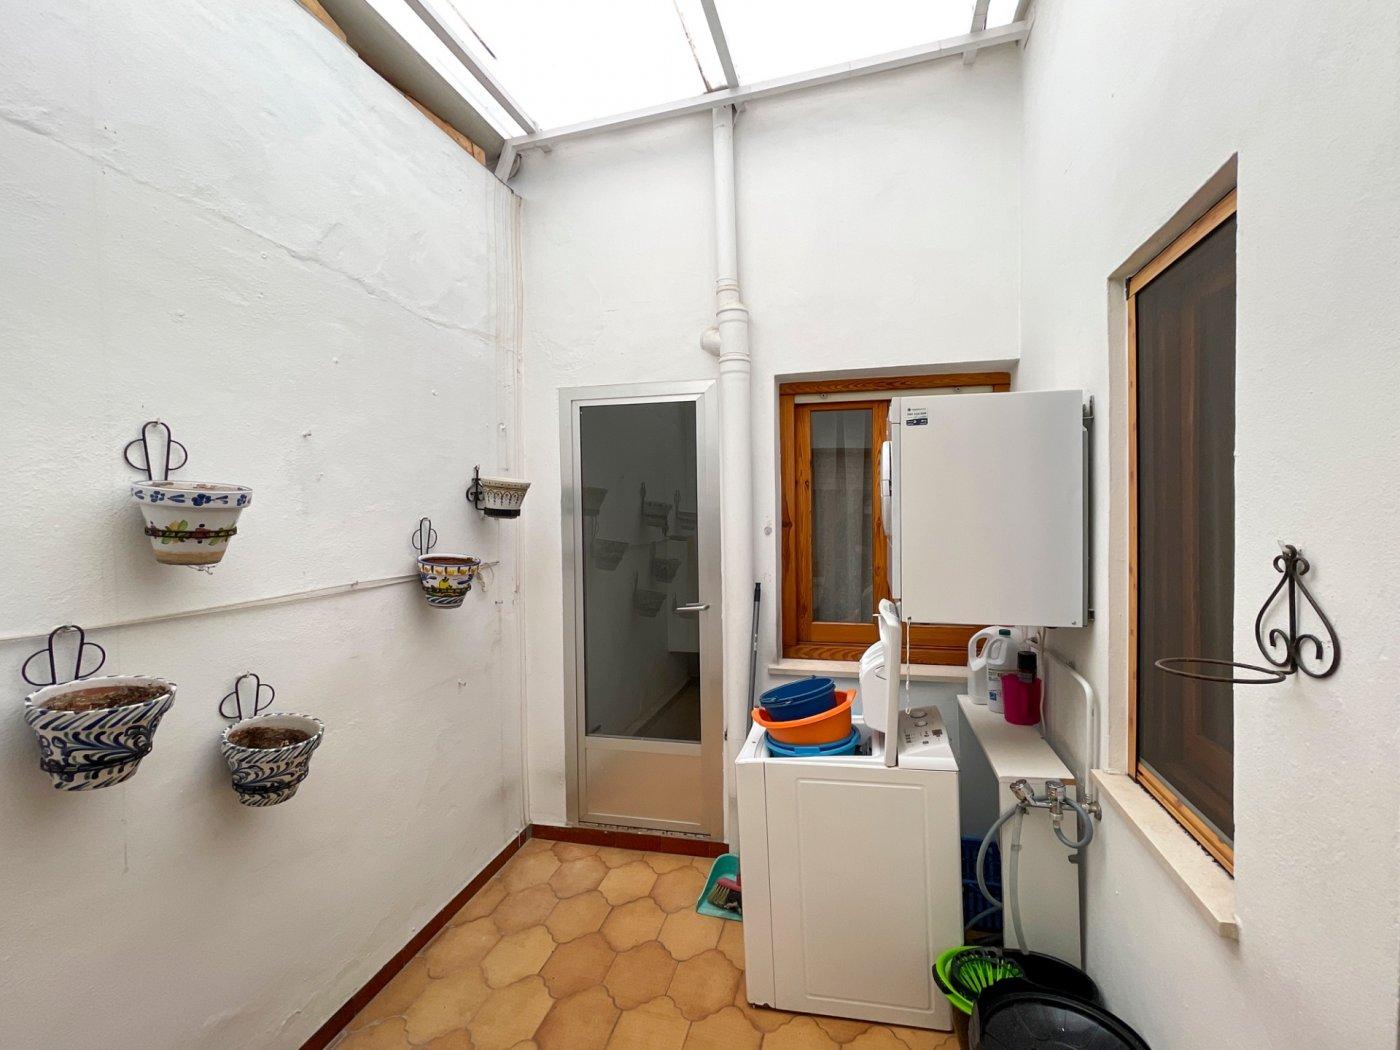 Magnifica casa con garaje en centro de onil - imagenInmueble20